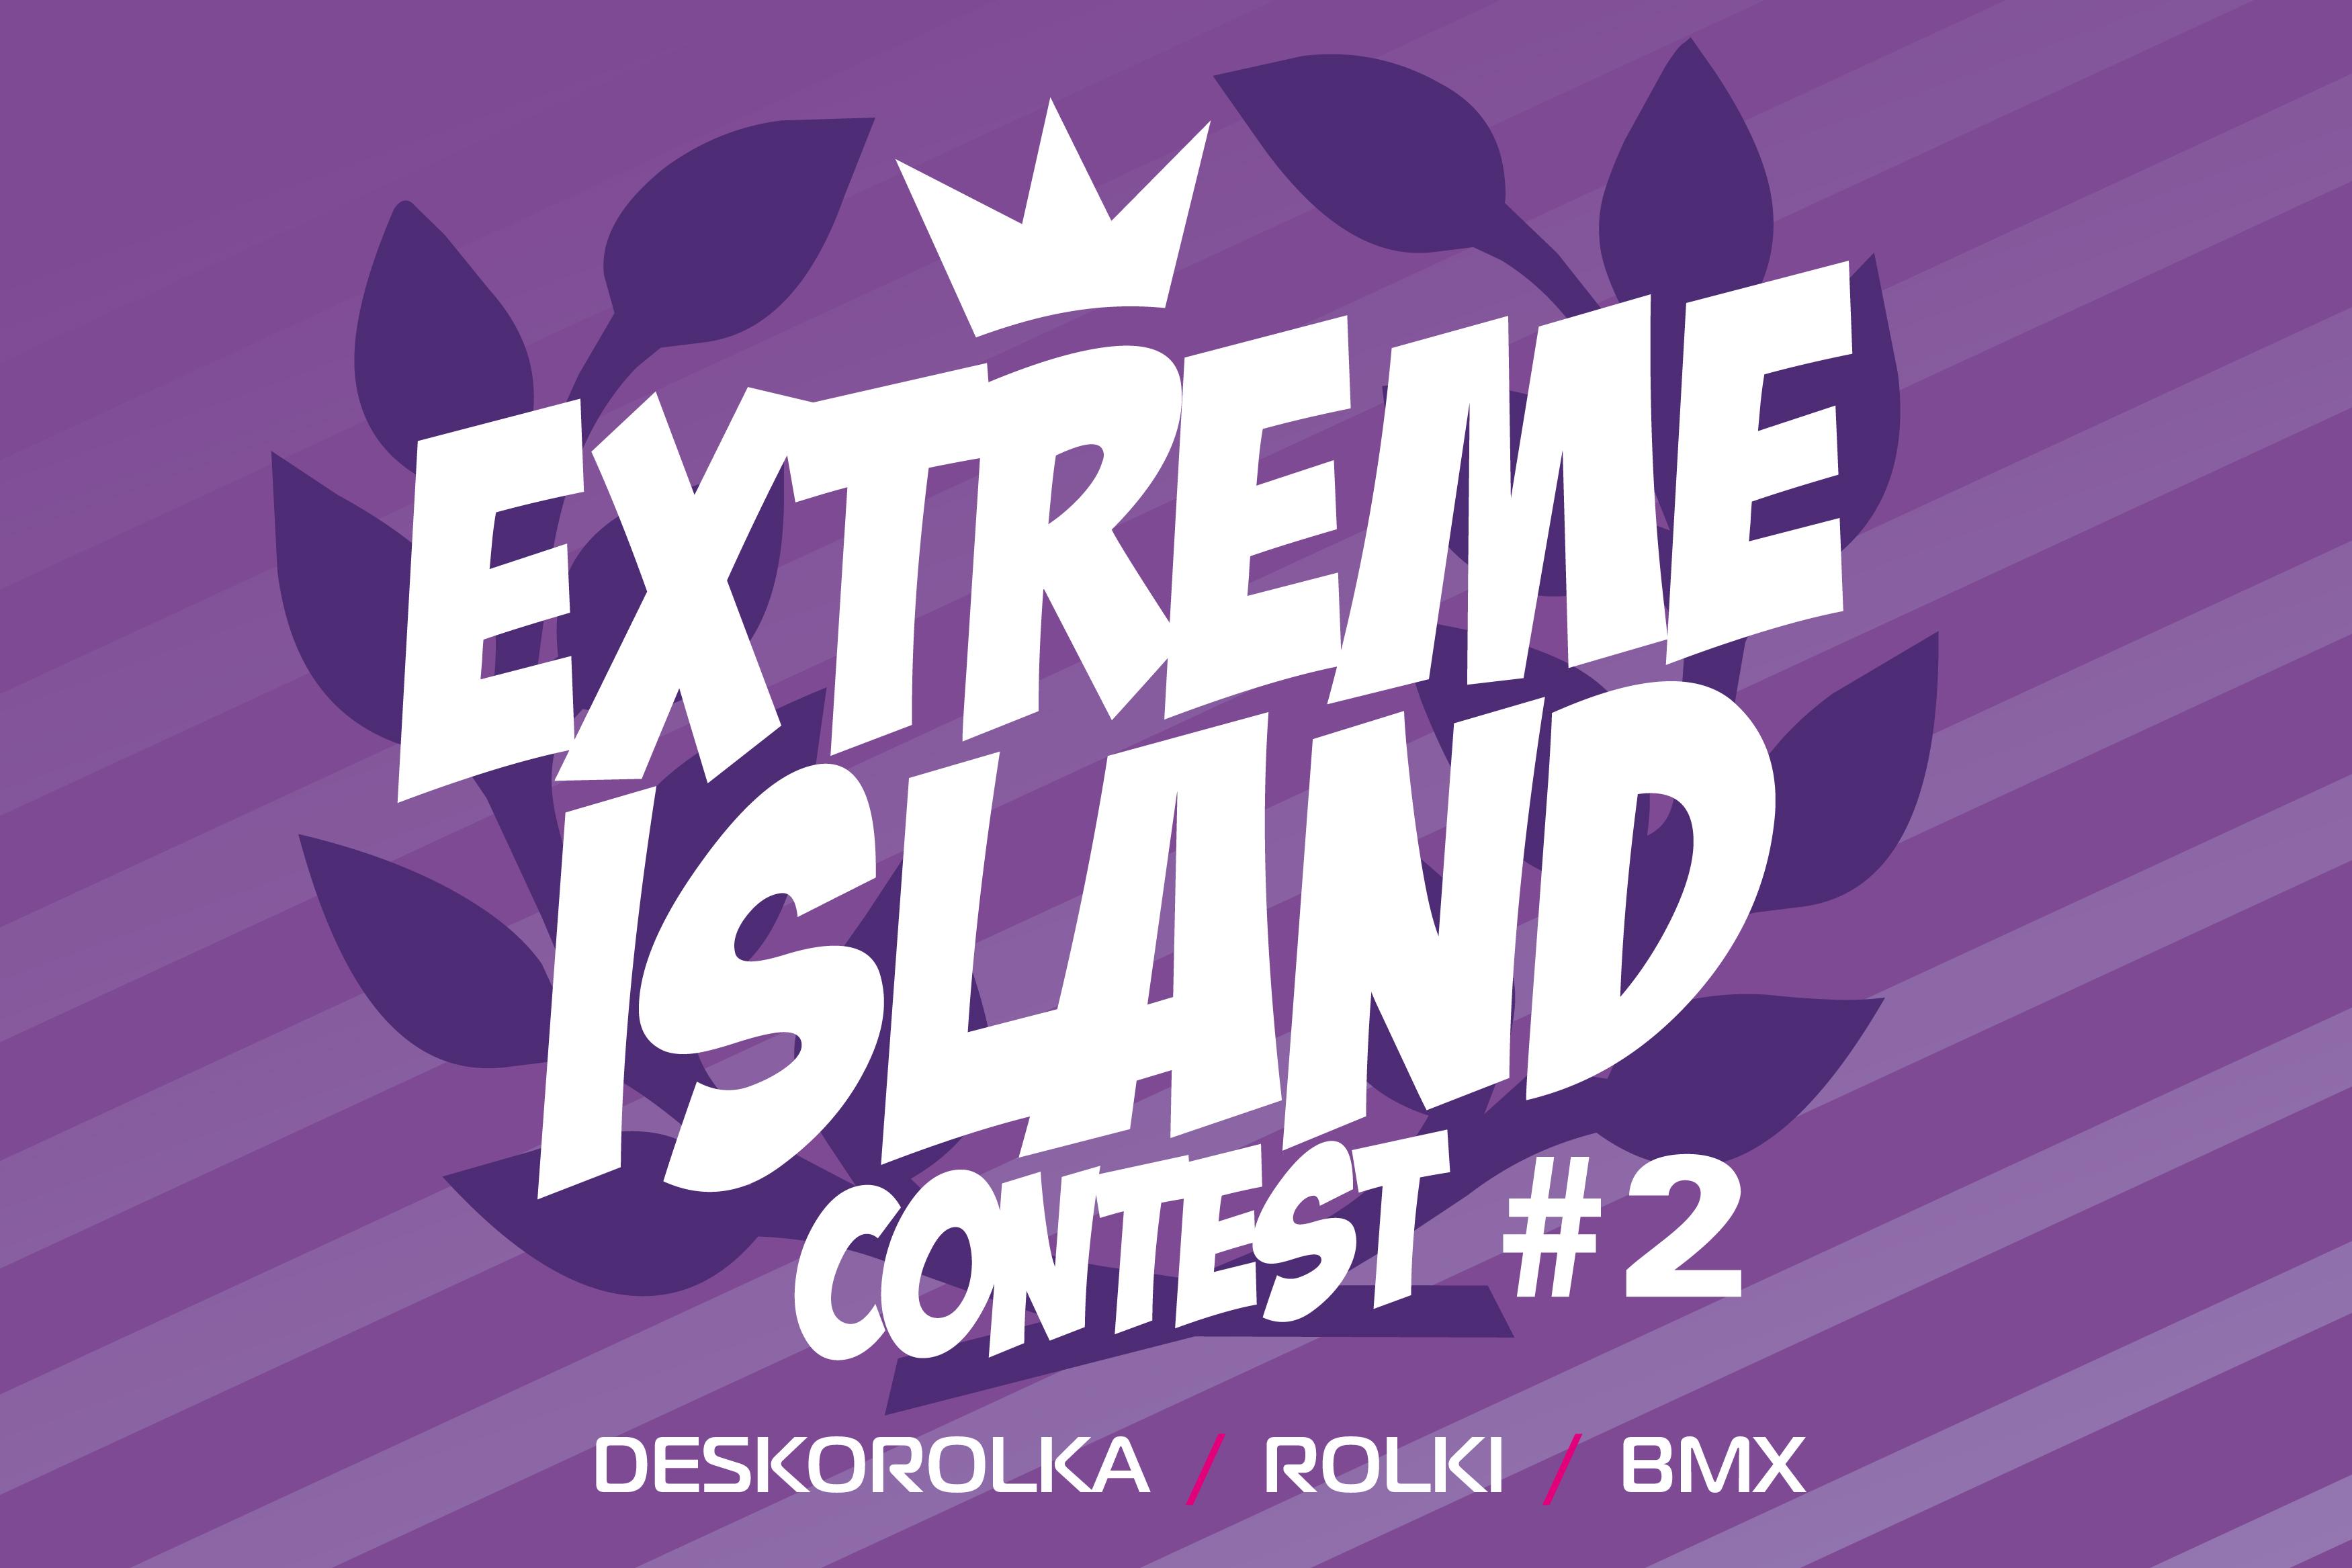 Extreme Island Contest #2